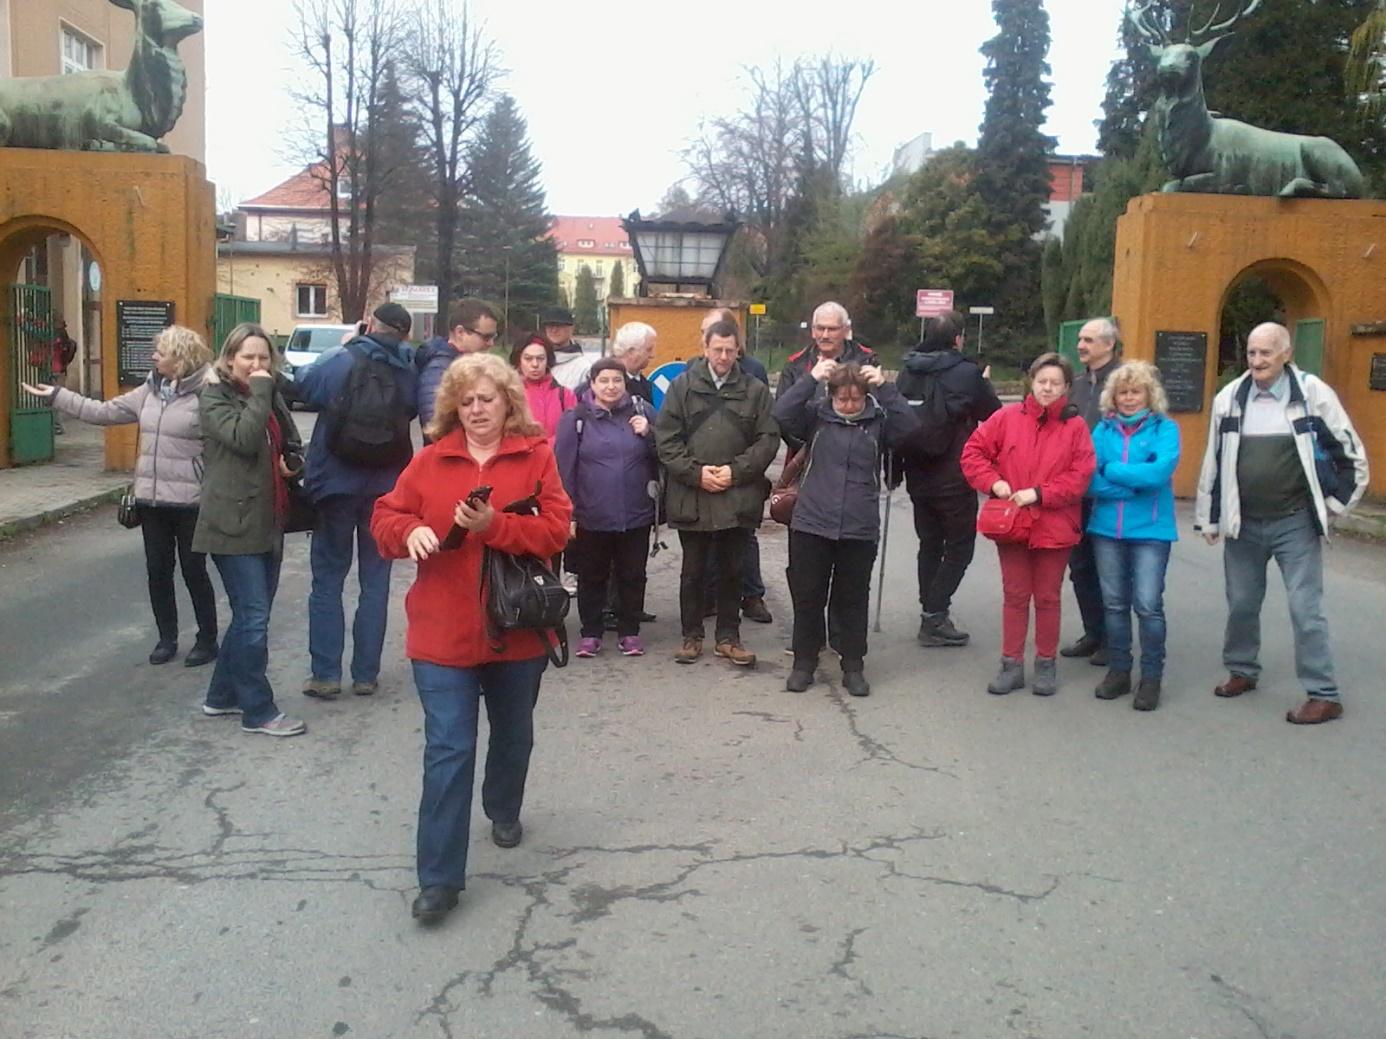 Wizyta w jeleniogórskim Oddziale Archiwum Państwowego. Foto: Krzysztof Tęcza